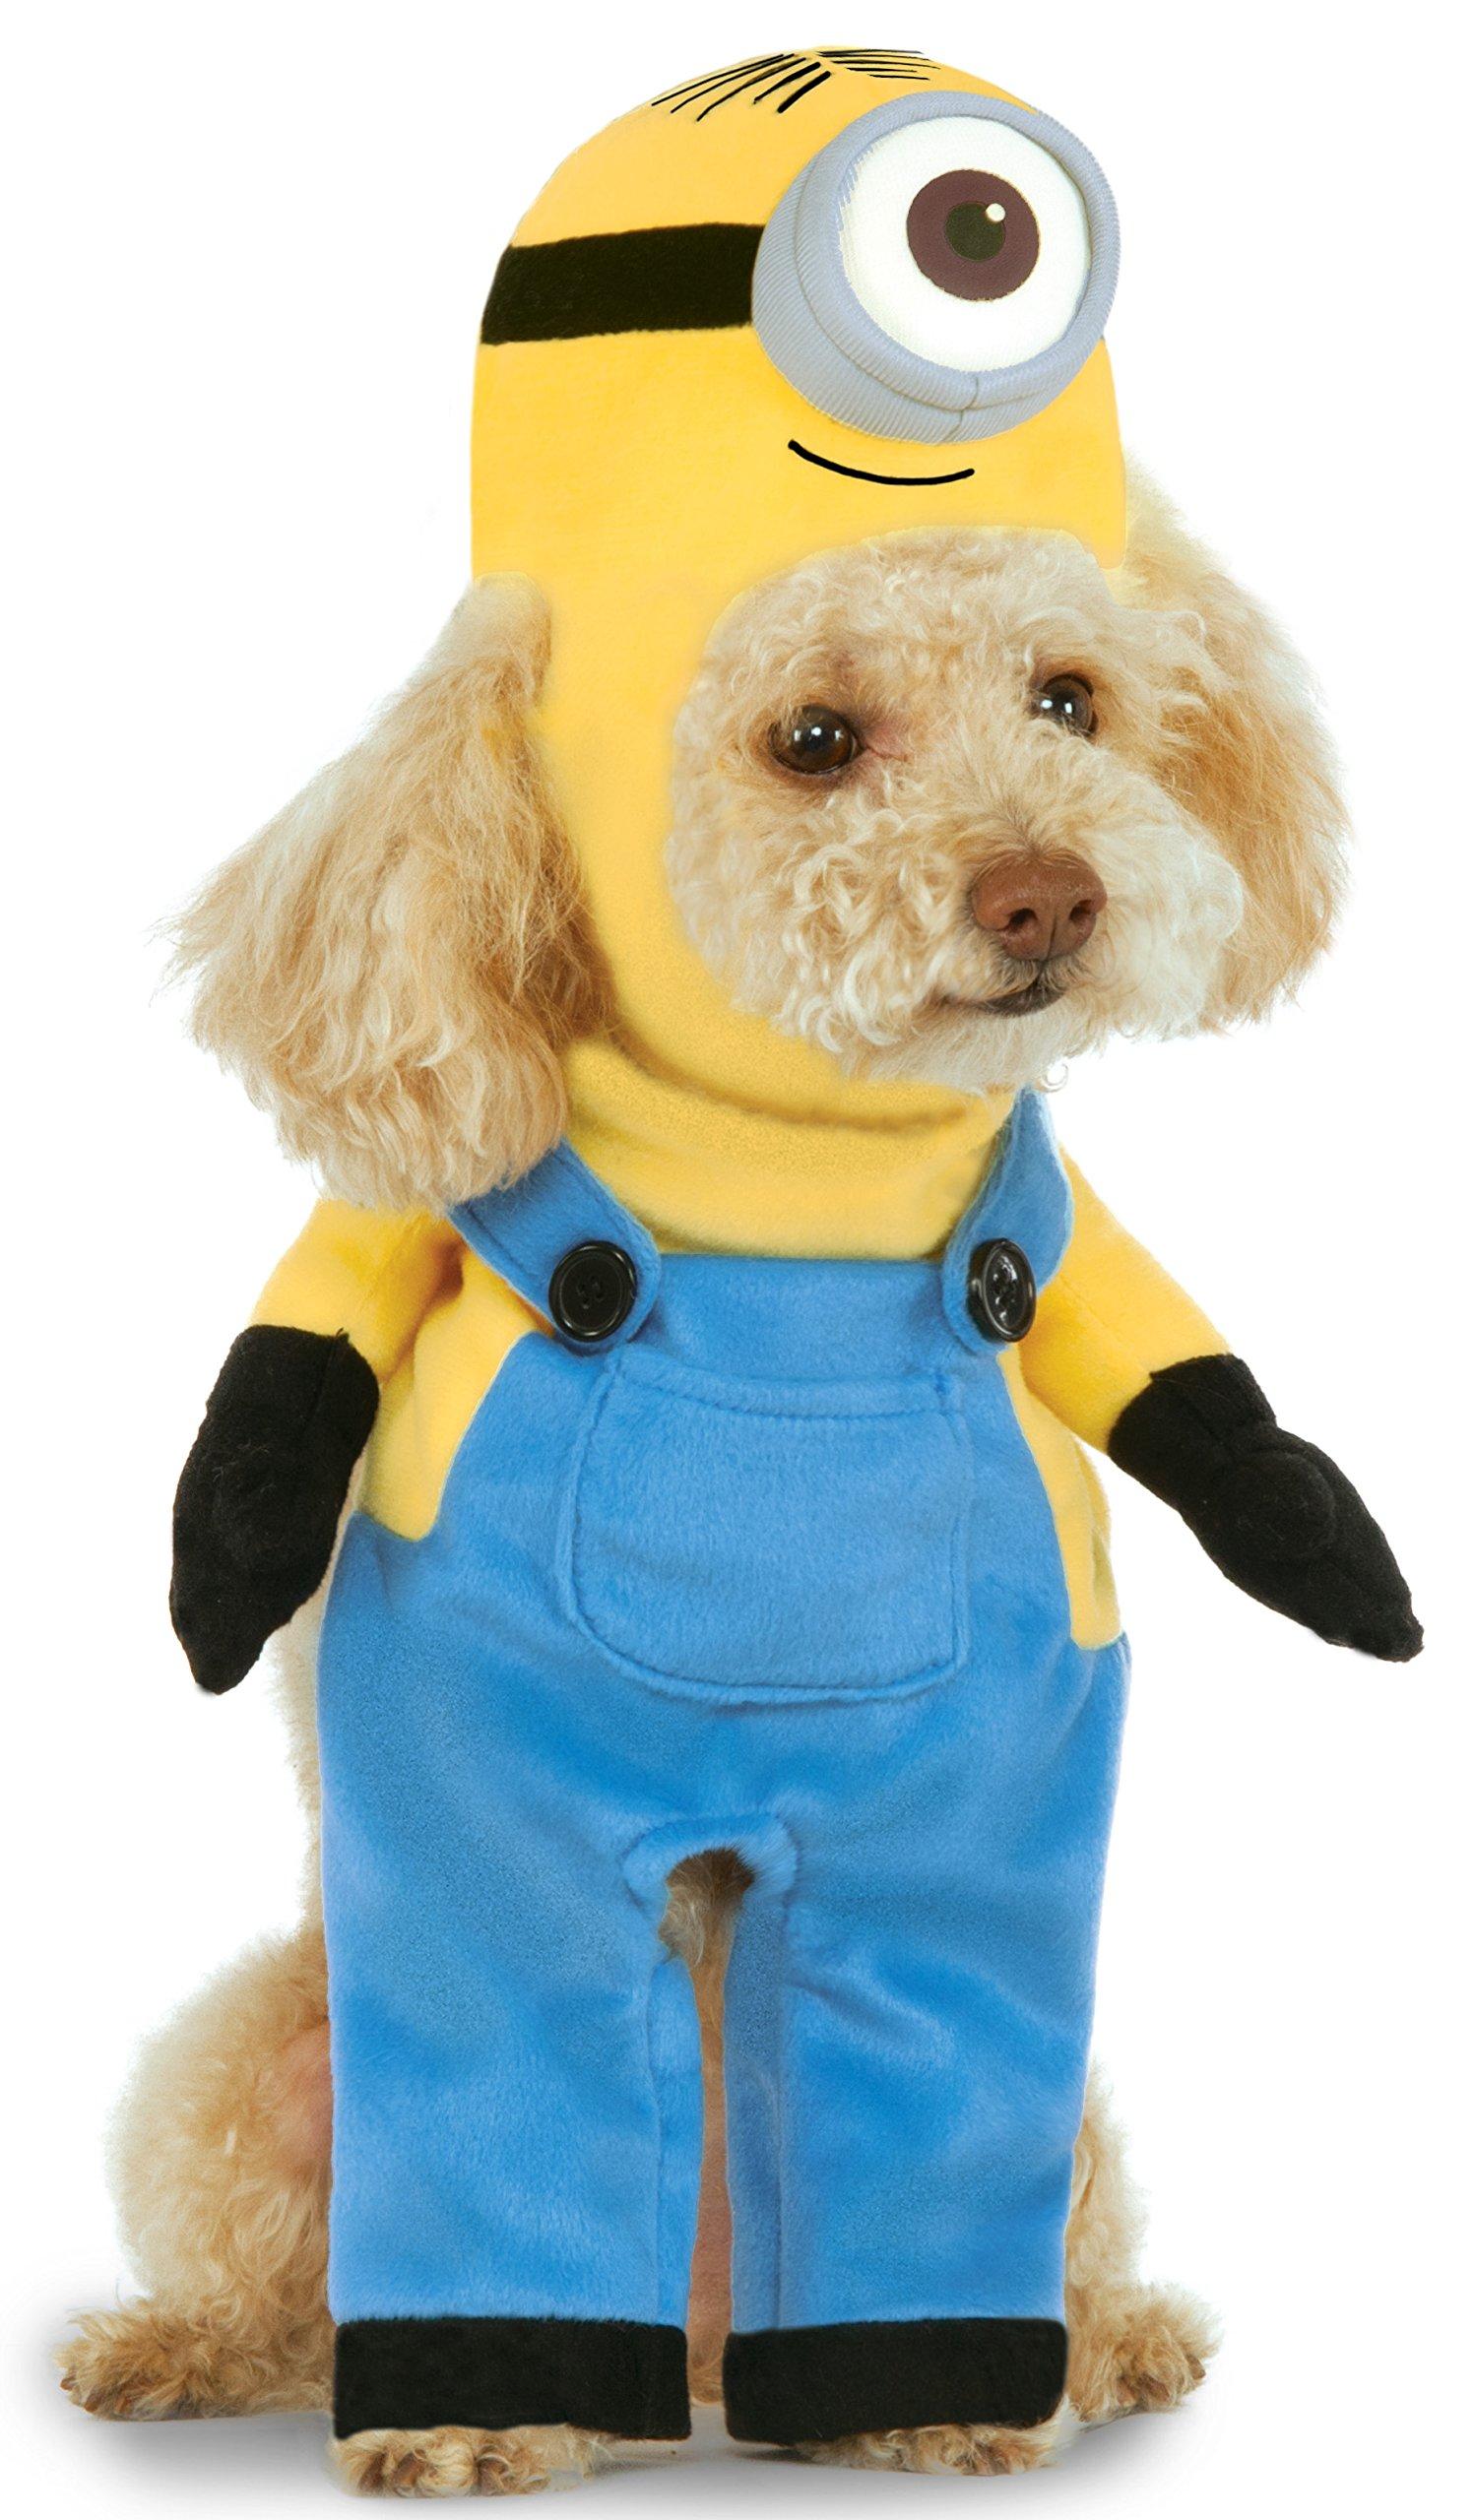 Rubie's Minion Stuart Arms Pet Suit, Small